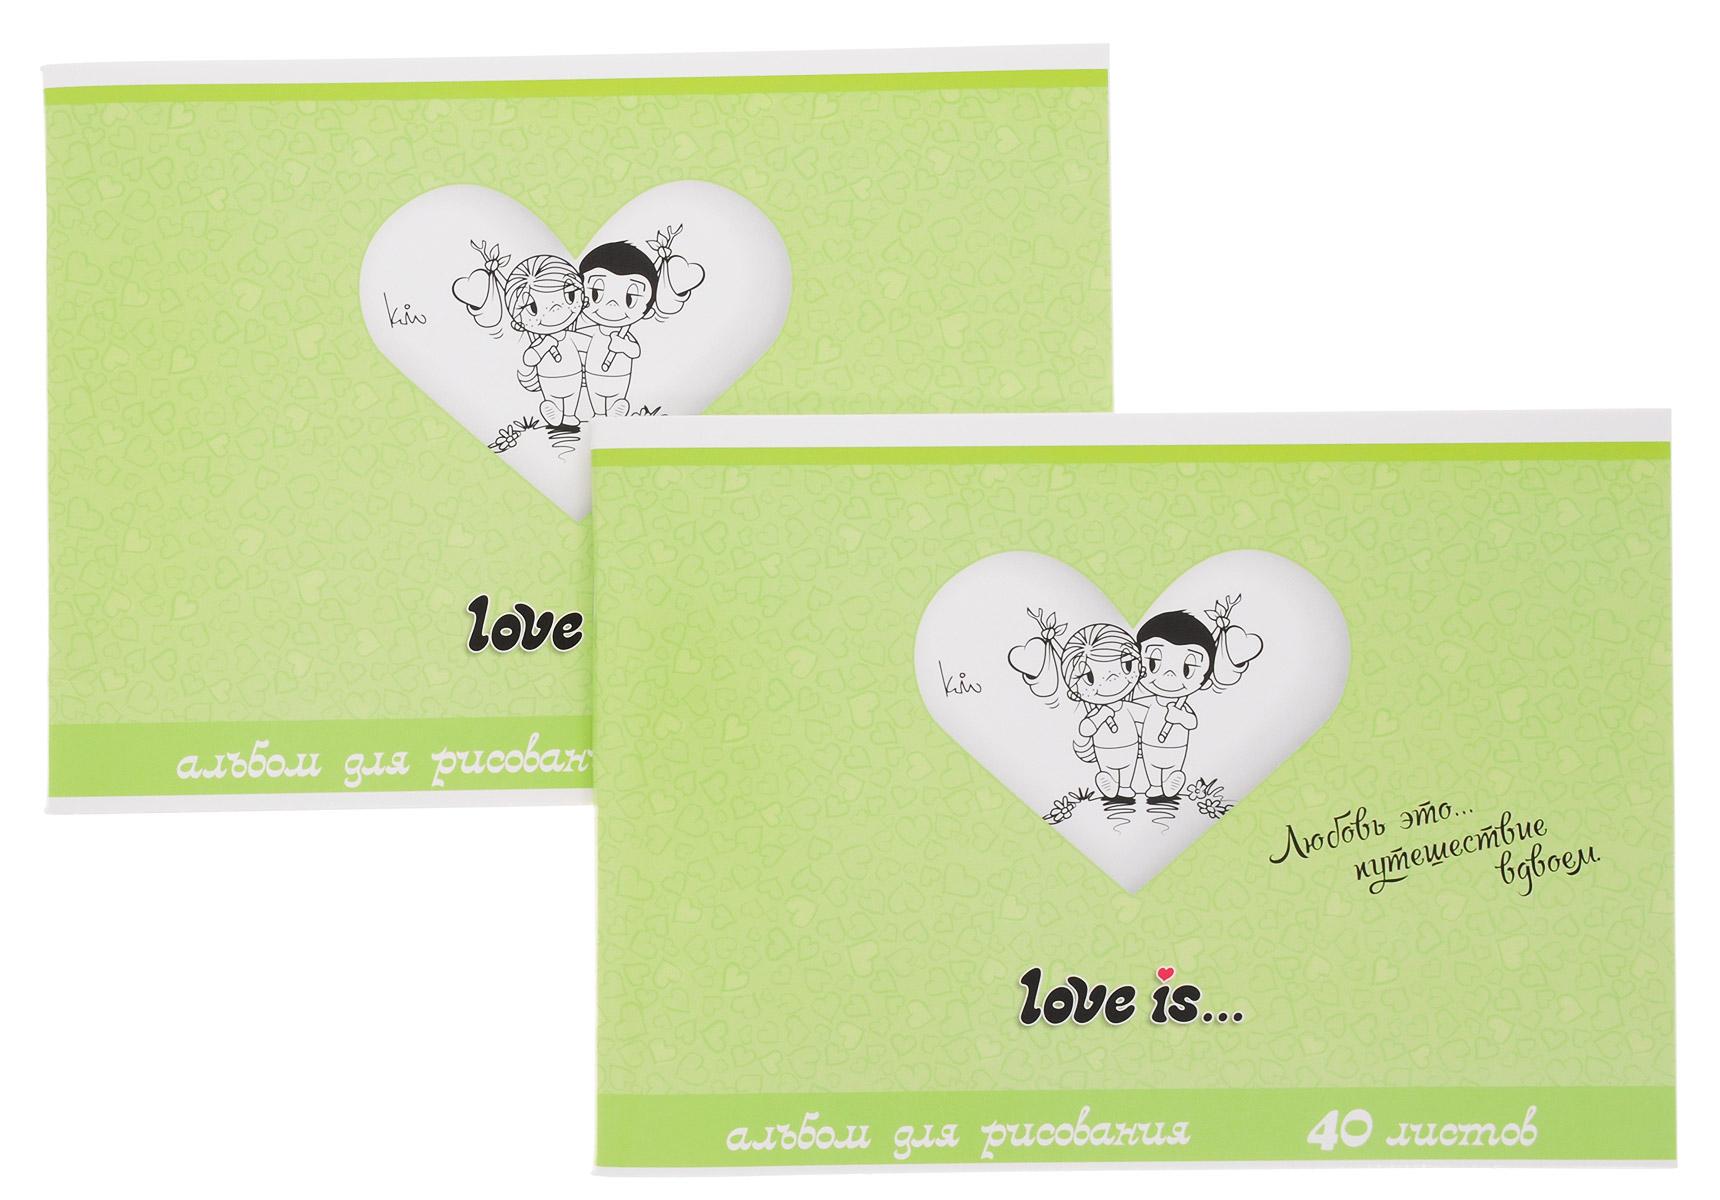 Action! Альбом для рисования Love is... 40 листов цвет салатовый 2 шт2-082/05Альбом для рисования Action! Love is... порадует маленького художника и вдохновит его на творчество.Альбом изготовлен из белой бумаги с яркой обложкой из высококачественного картона, оформленной изображением влюбленной пары. Высокое качество бумаги позволяет рисовать в альбоме карандашами, фломастерами, акварельными и гуашевыми красками.Внутренний блок альбома состоит из 40 листов белой бумаги, соединенных двумя металлическими скрепками. В наборе два альбома.